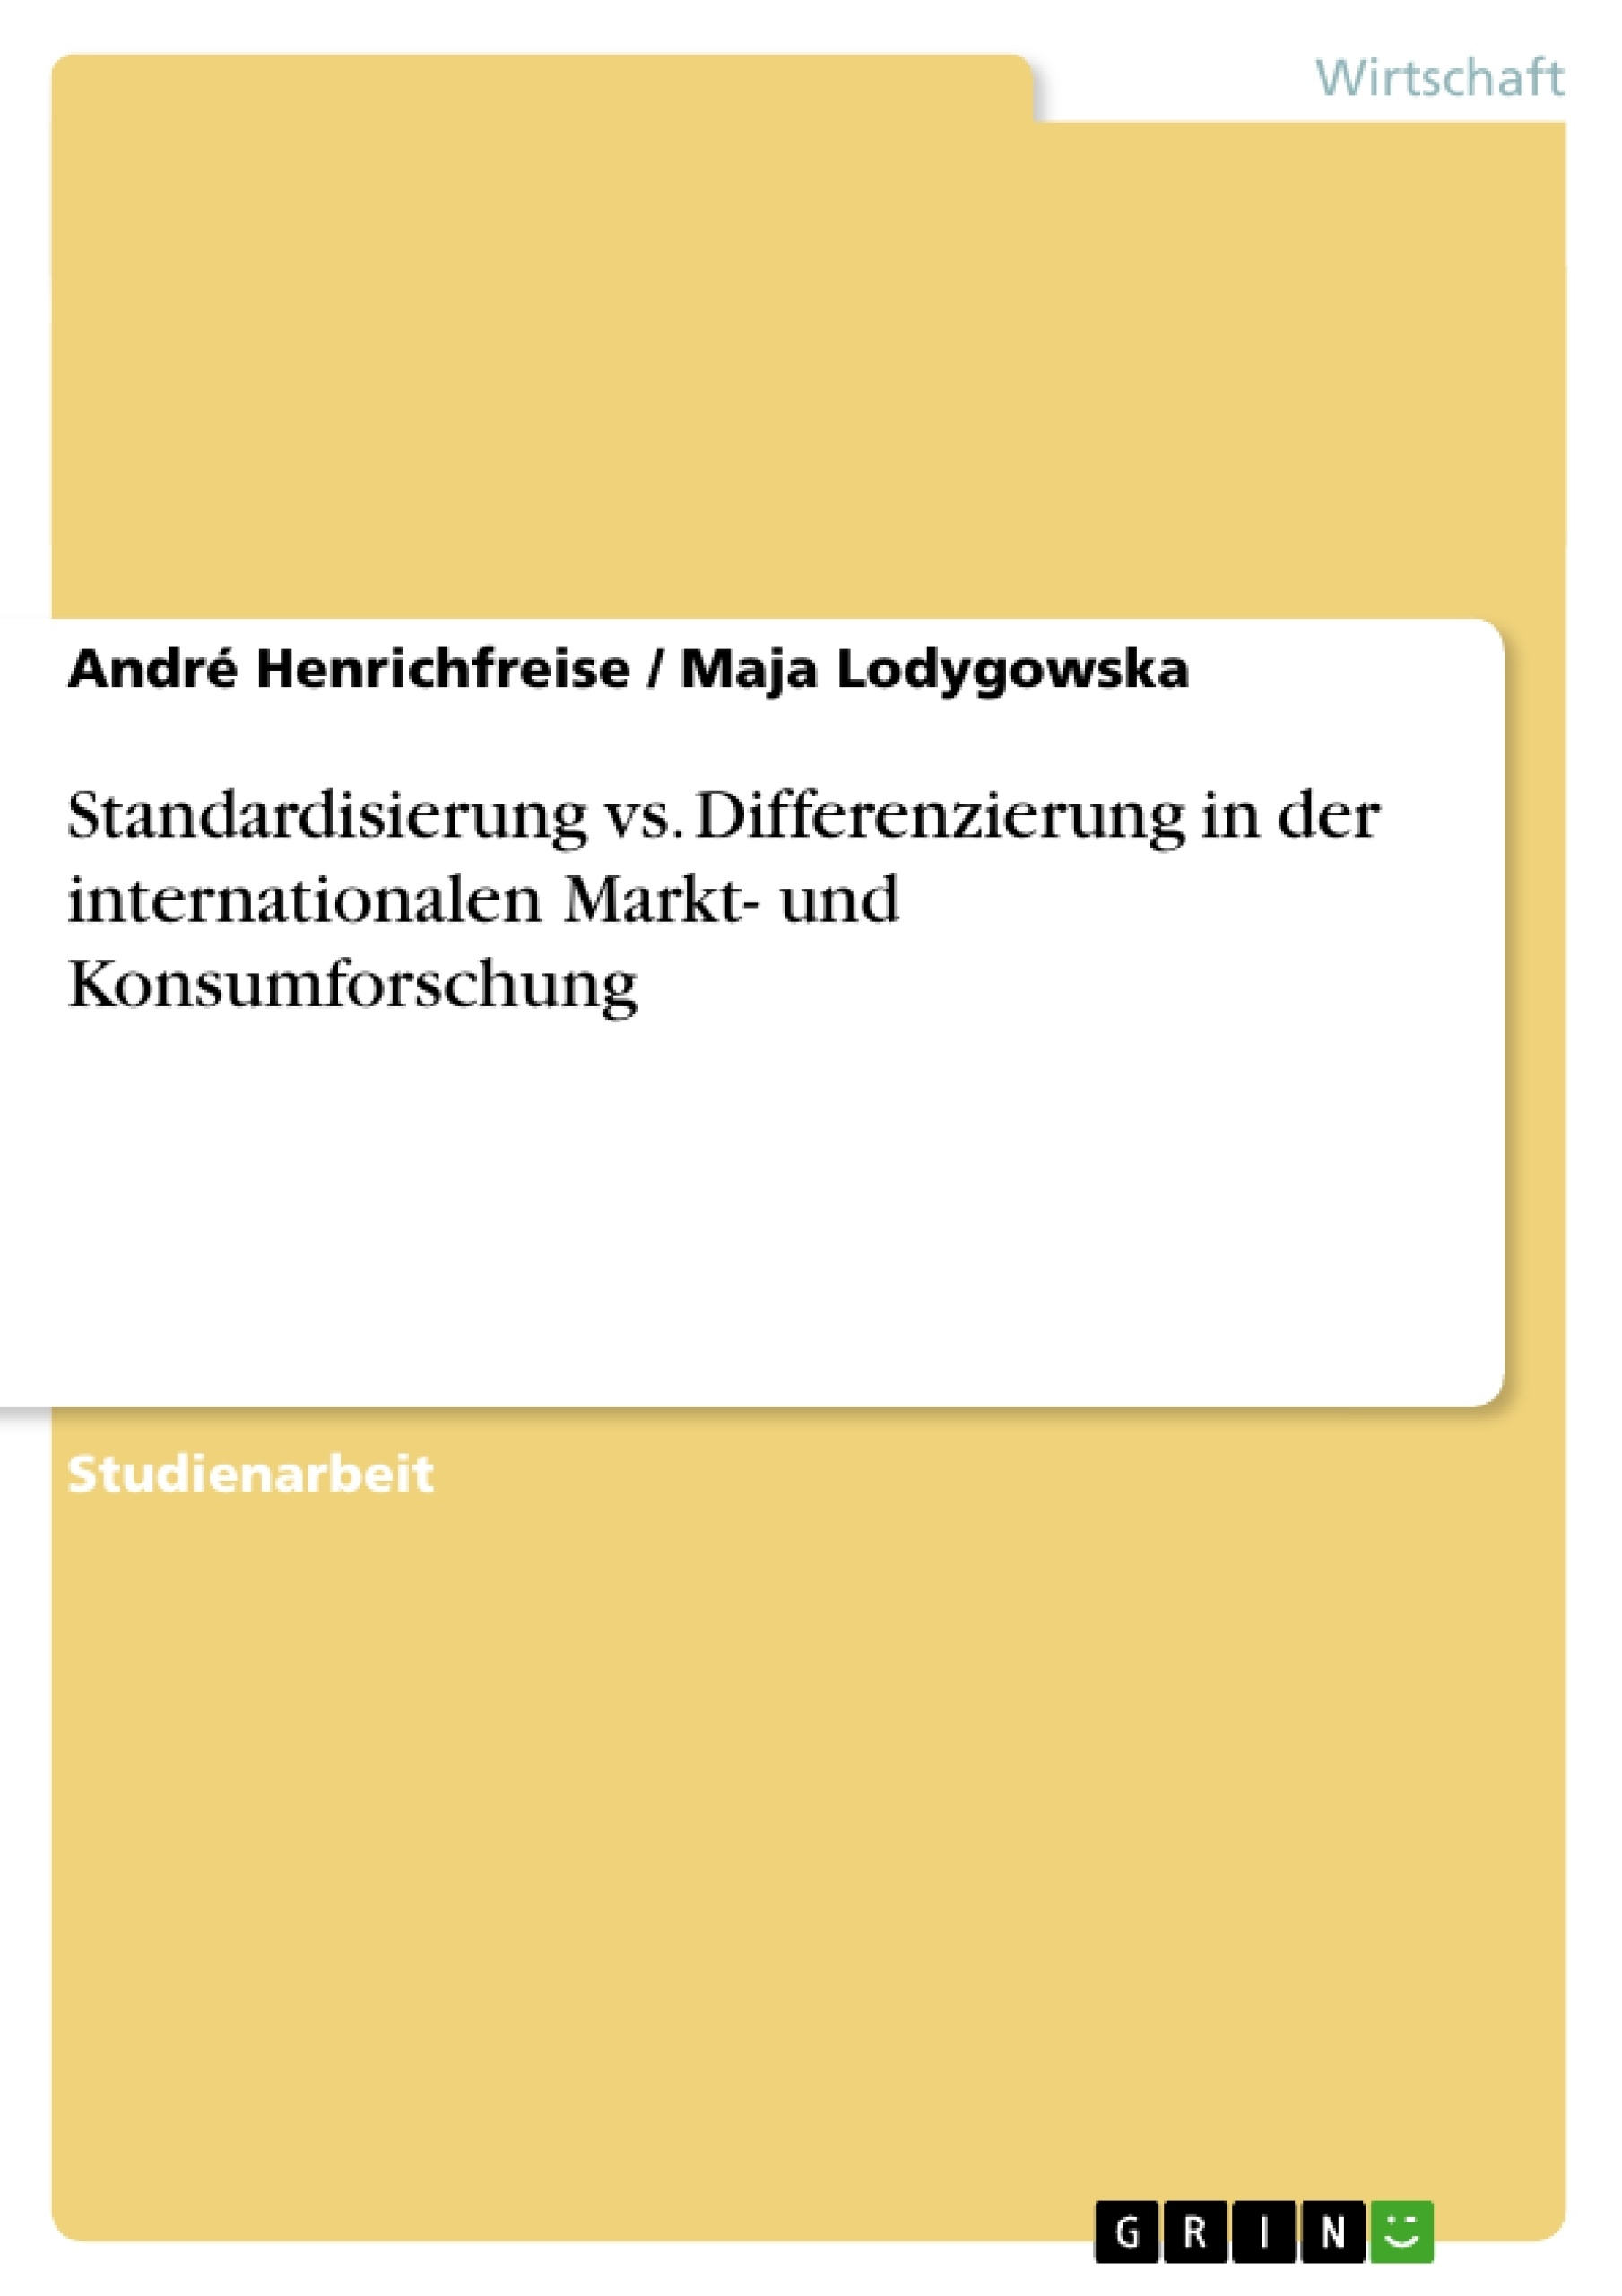 Titel: Standardisierung vs. Differenzierung in der internationalen Markt- und Konsumforschung